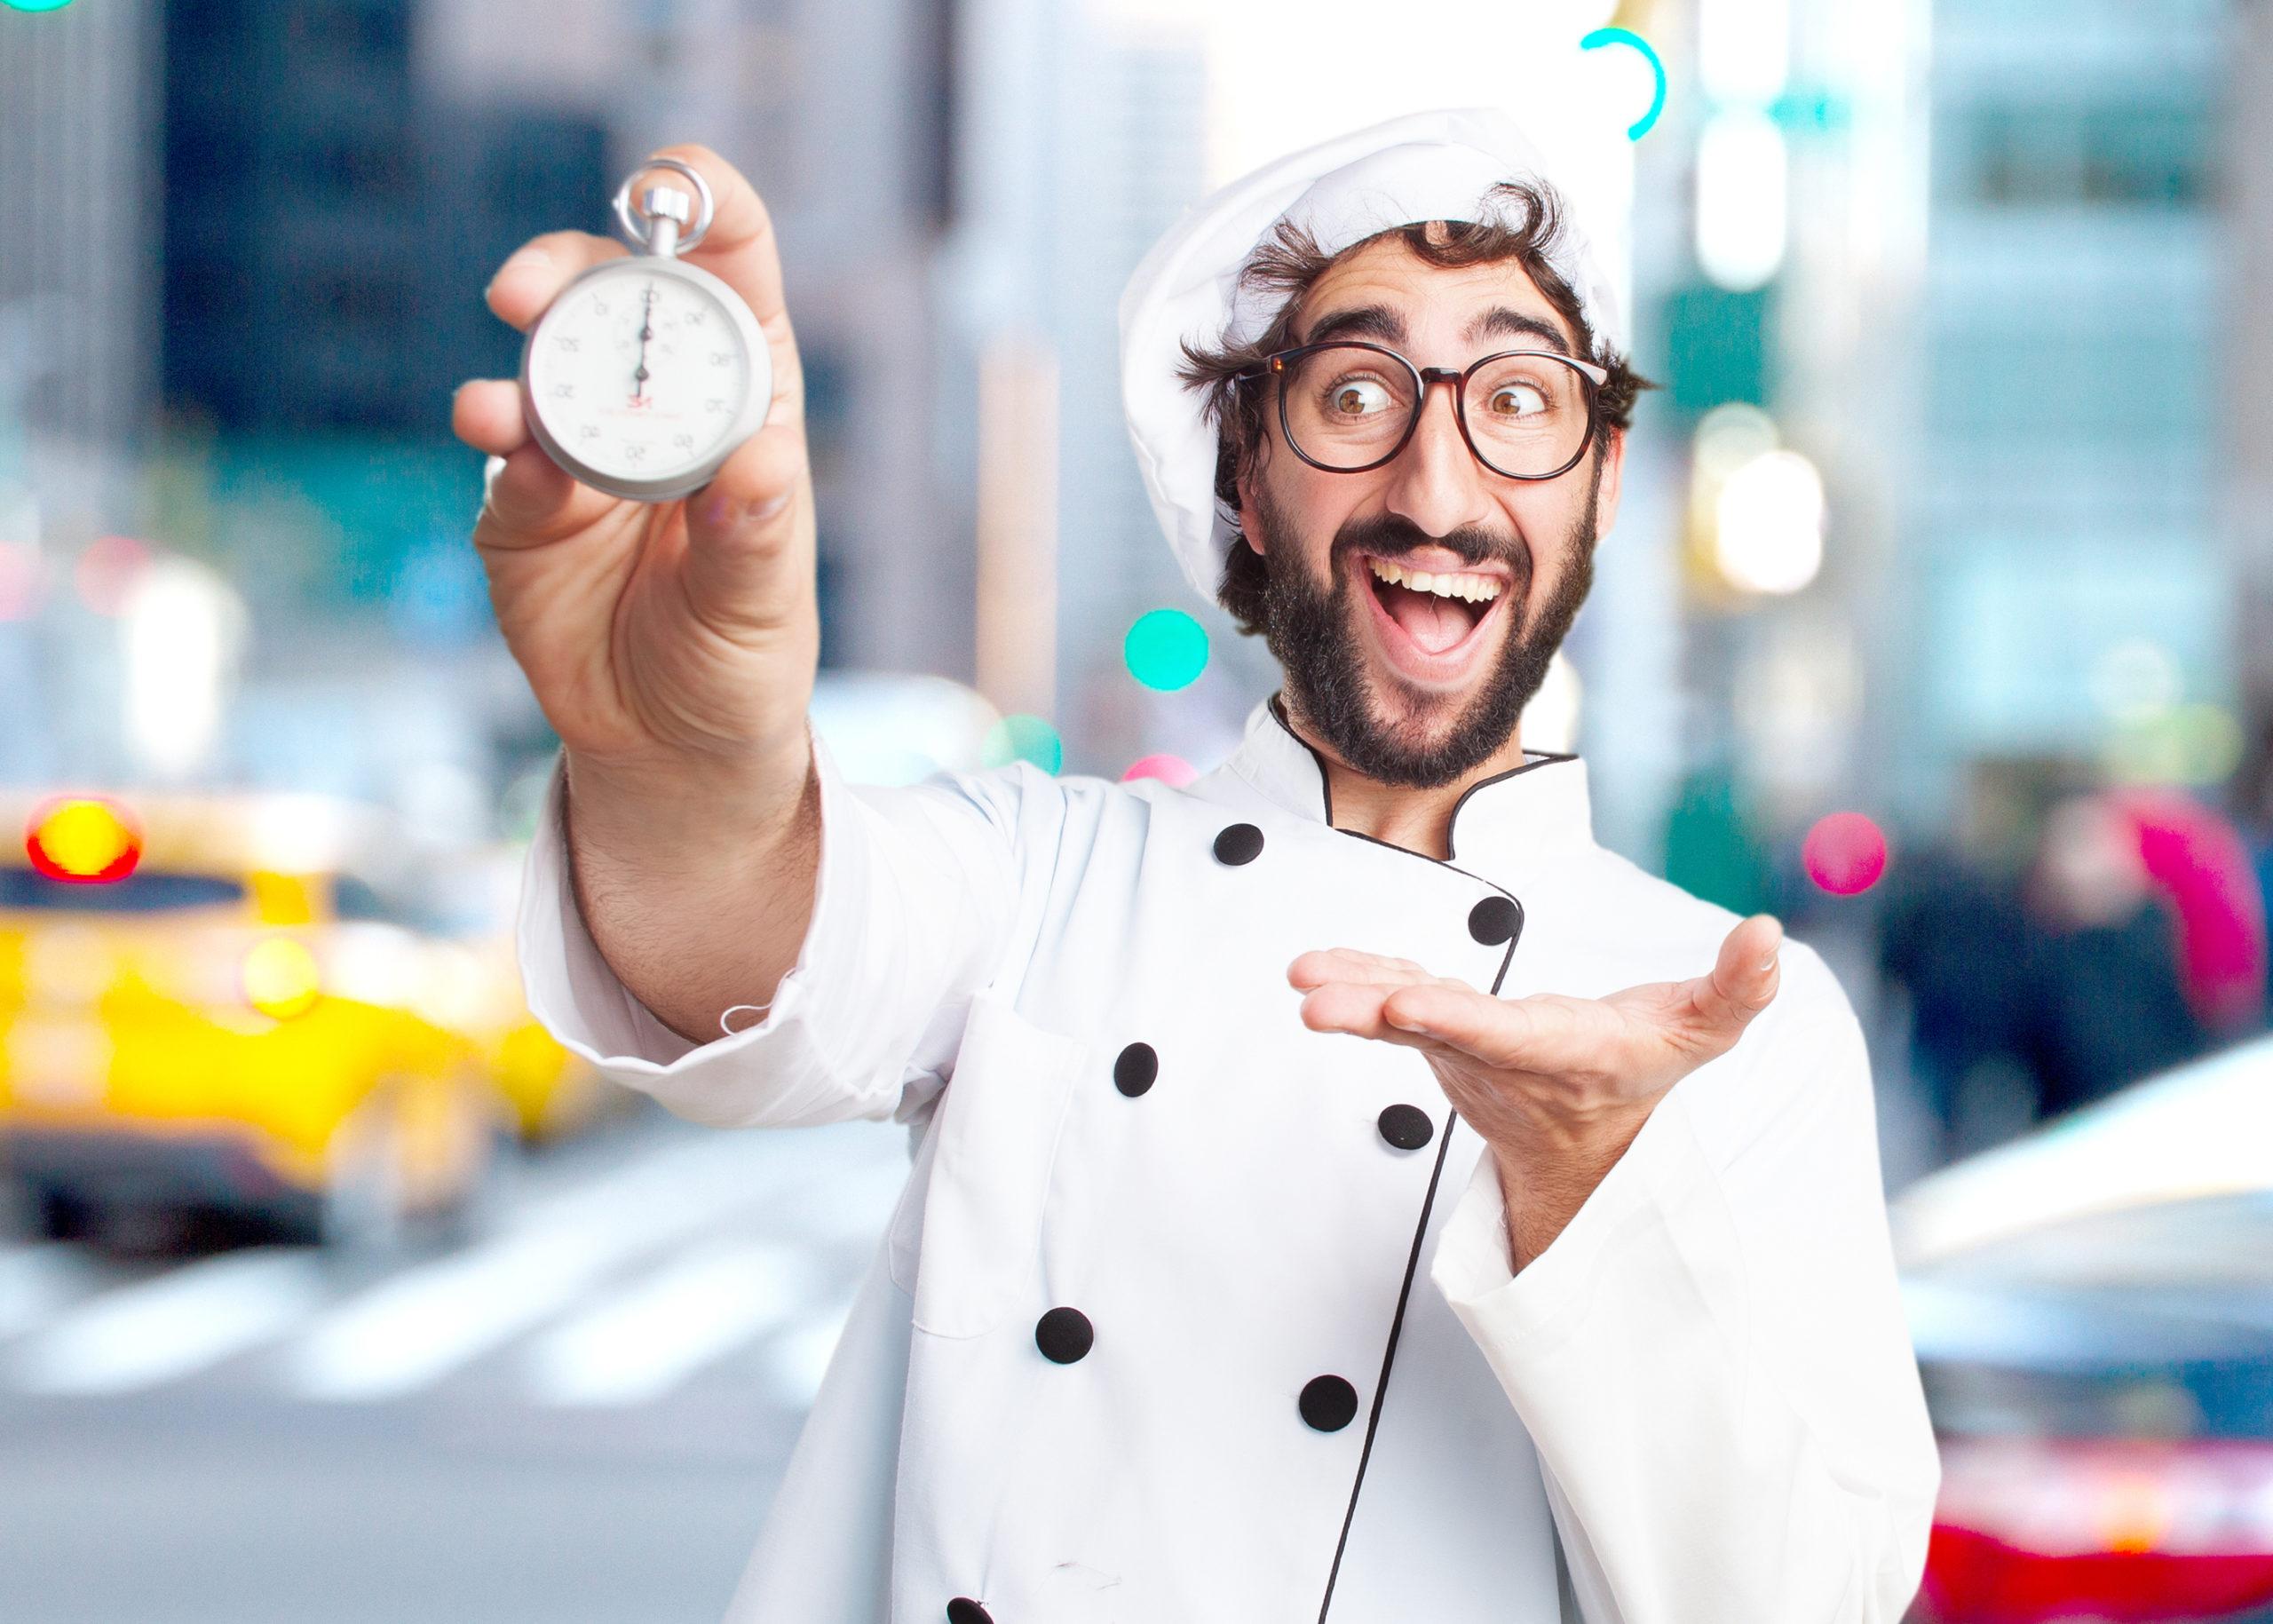 Best Kitchen Timer